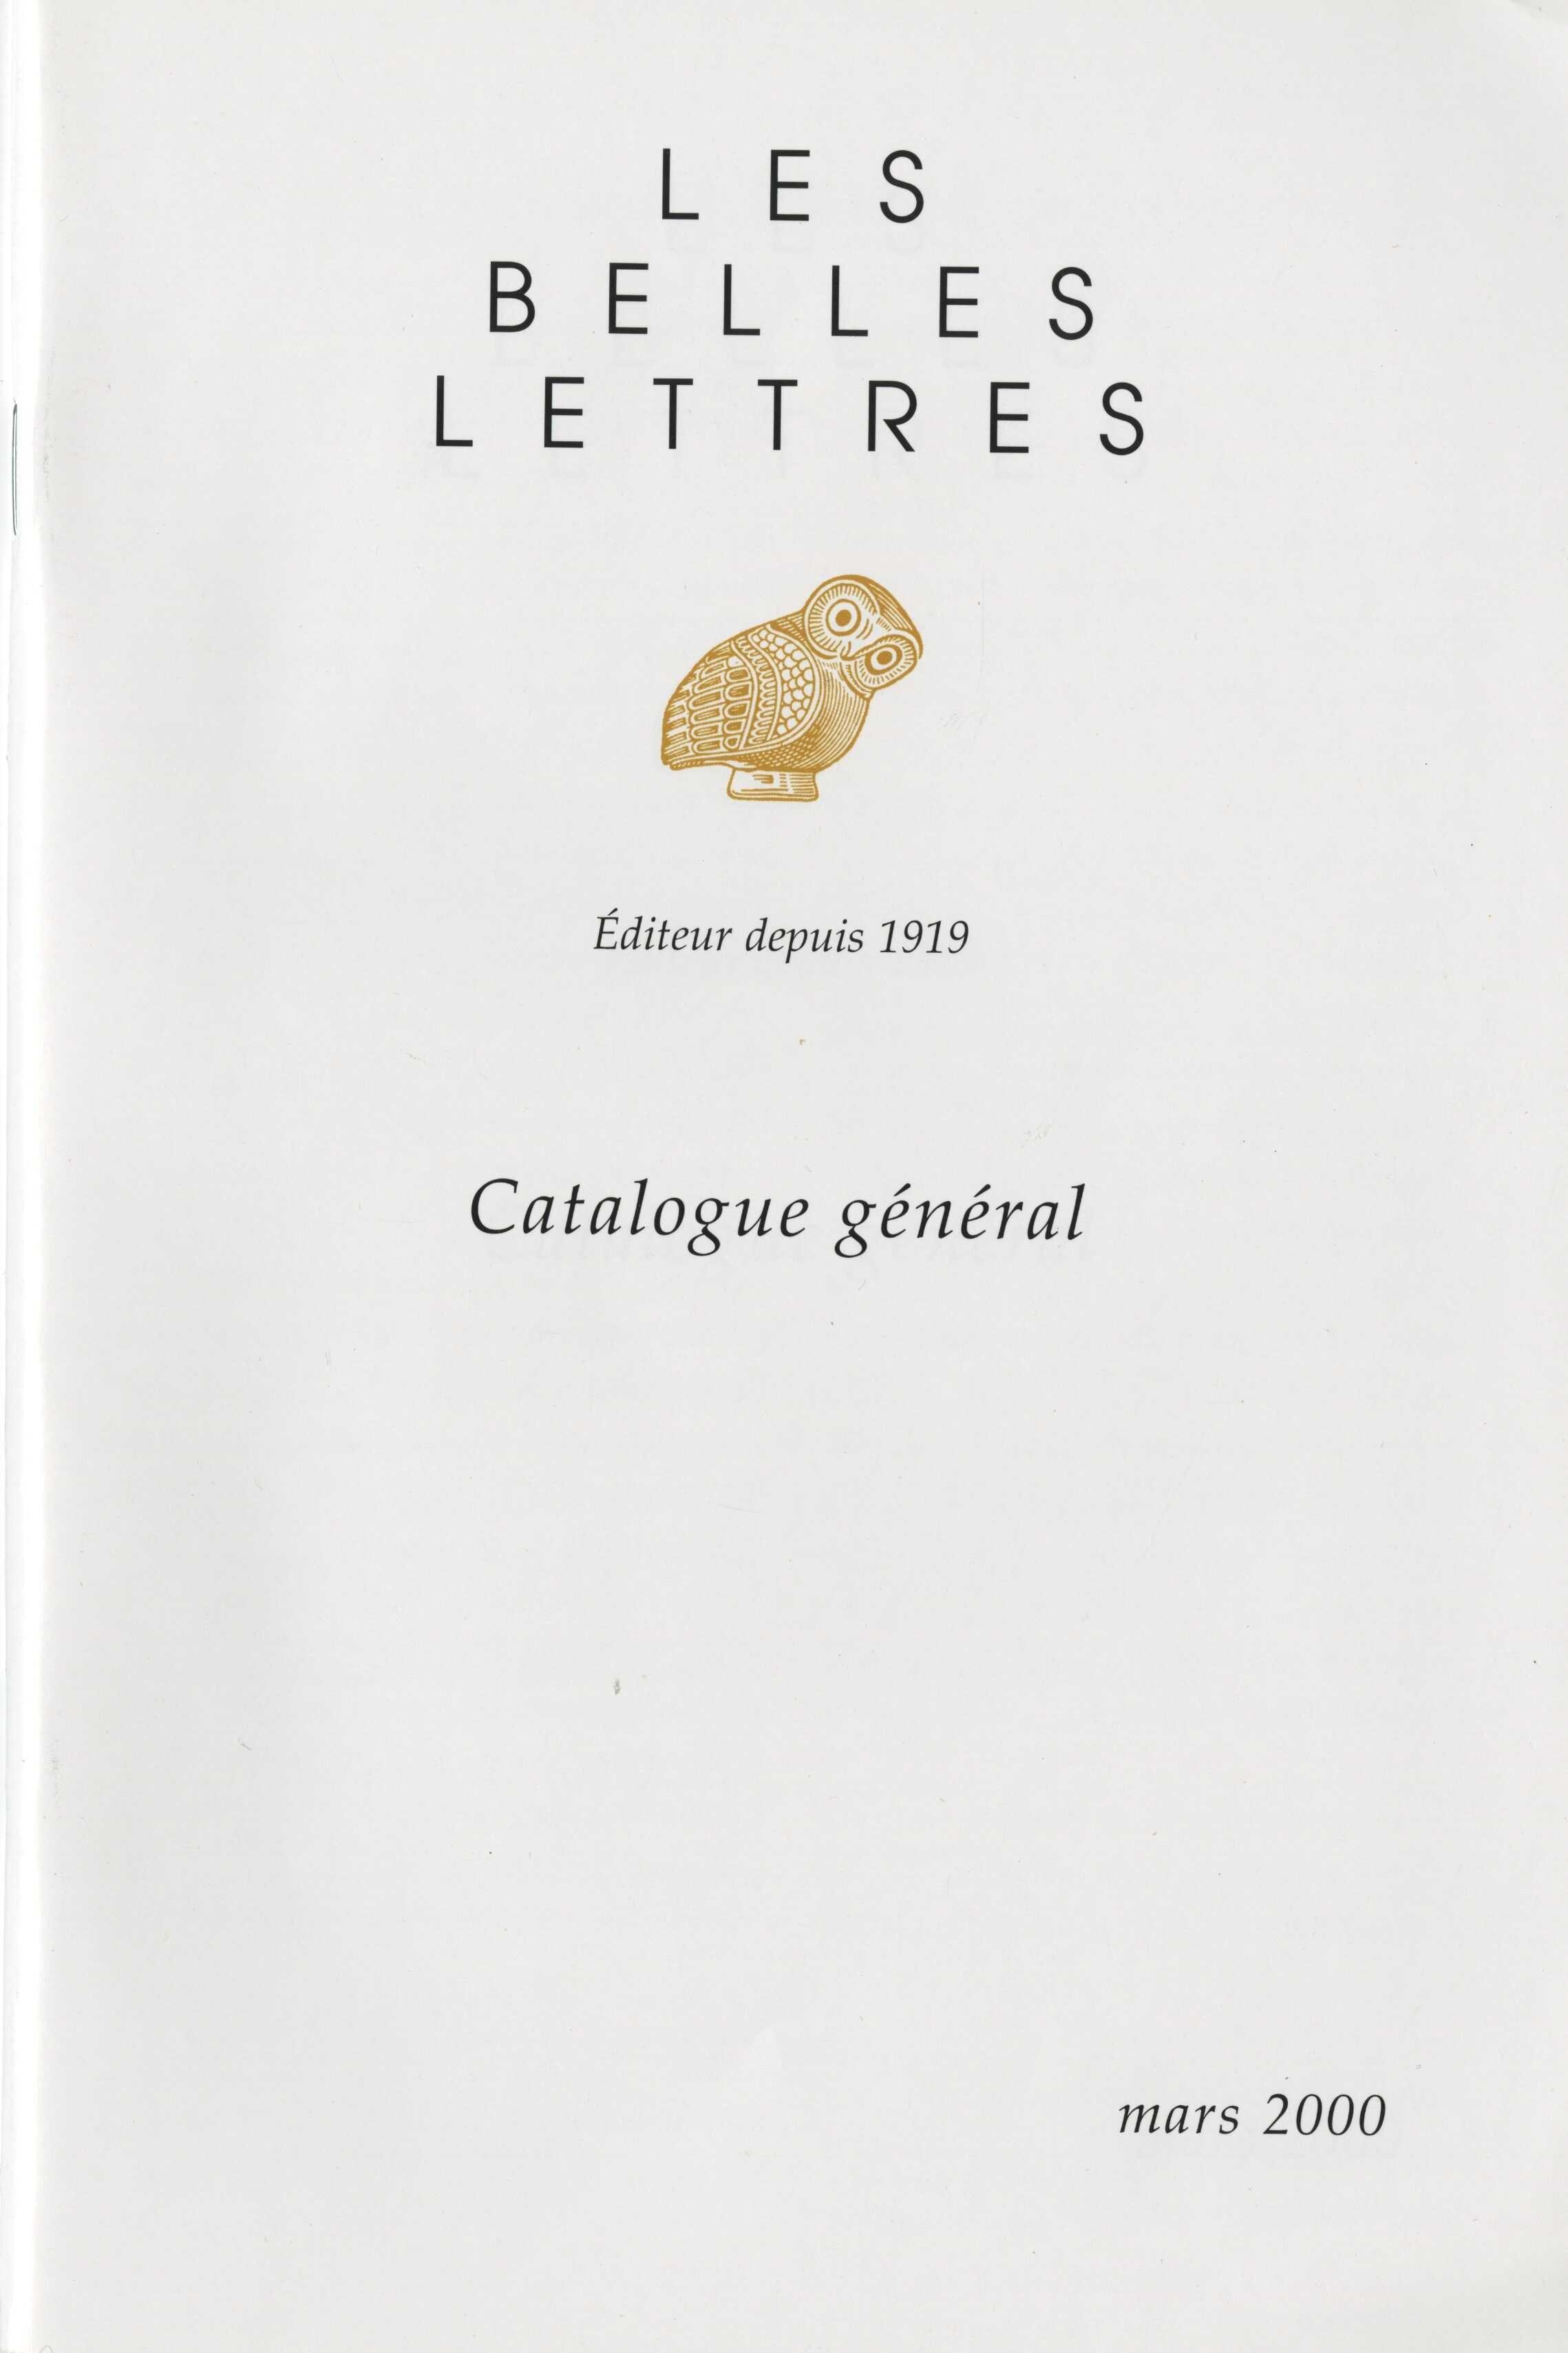 image for Les Belles Lettres